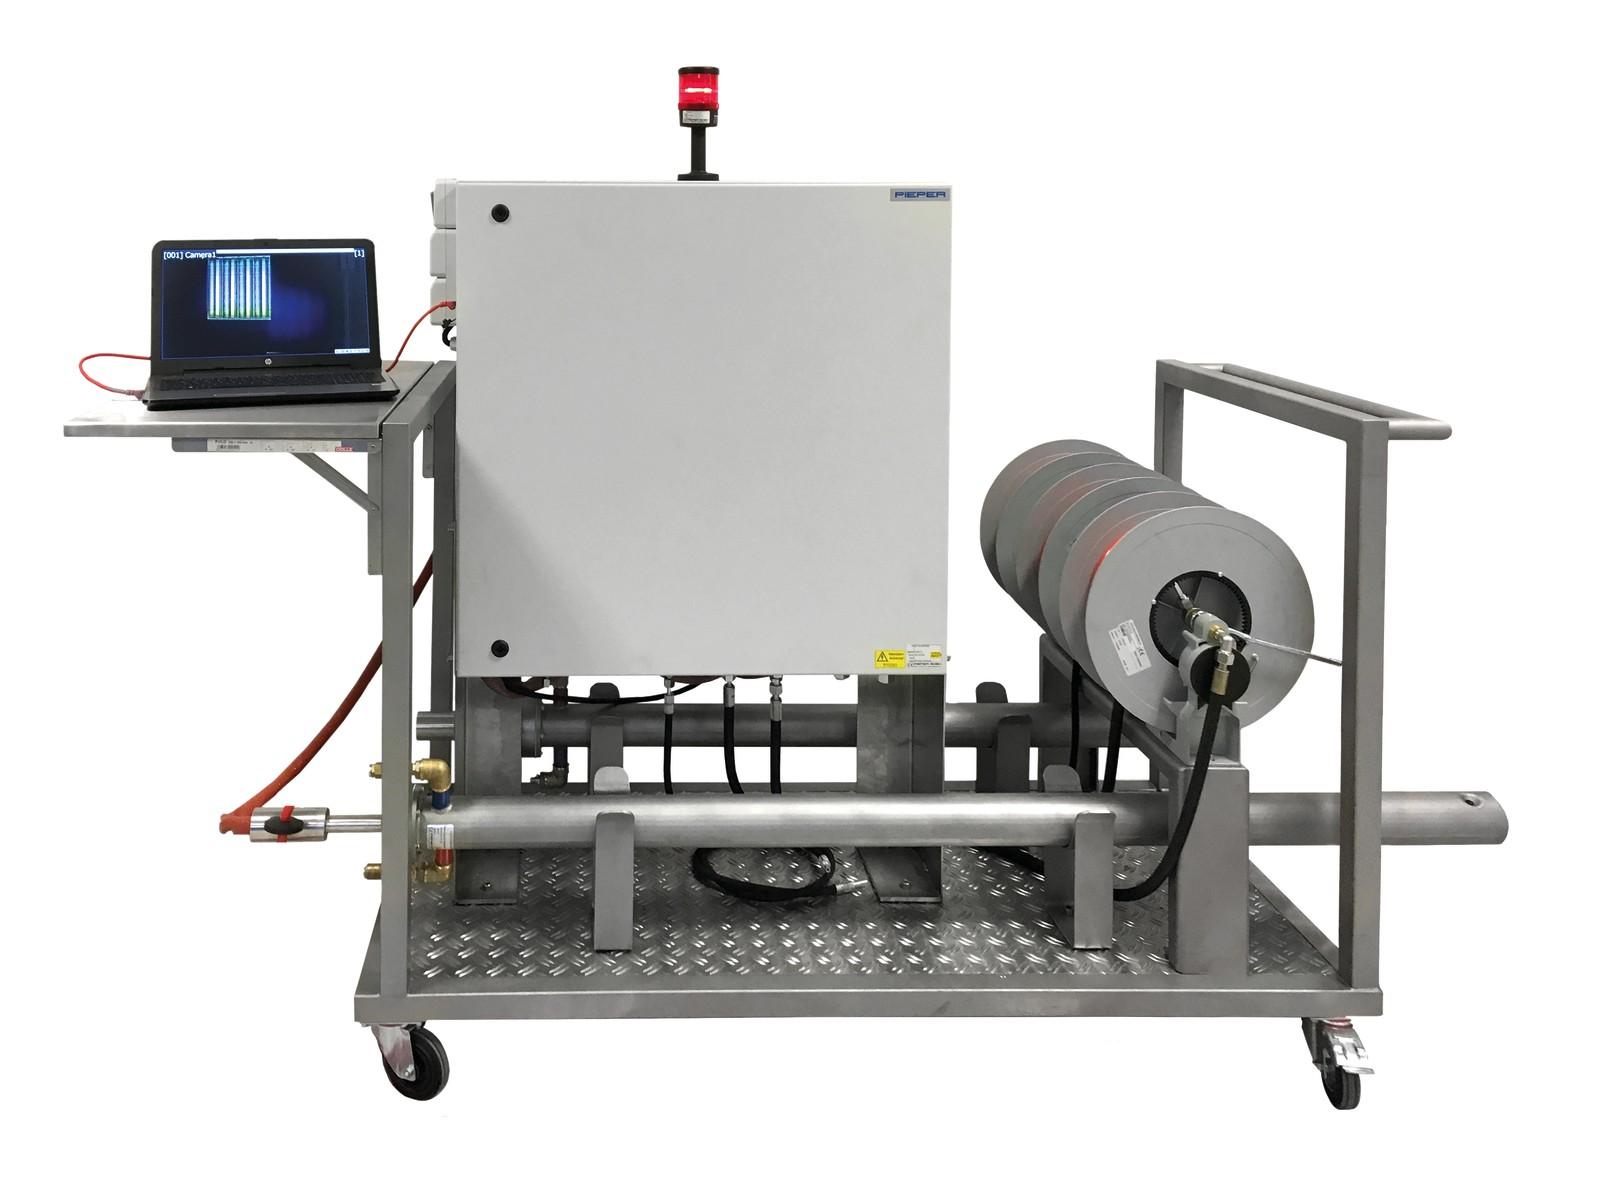 MIS-N-HT heißt die neue, flexible und transportable Inspektionslösung mit zwei Feuerraumsonden von Moog Pieper. Sie eignet sich beispielsweise zur Inspektion von Öfen, die zur Glasherstellung verwendet werden.